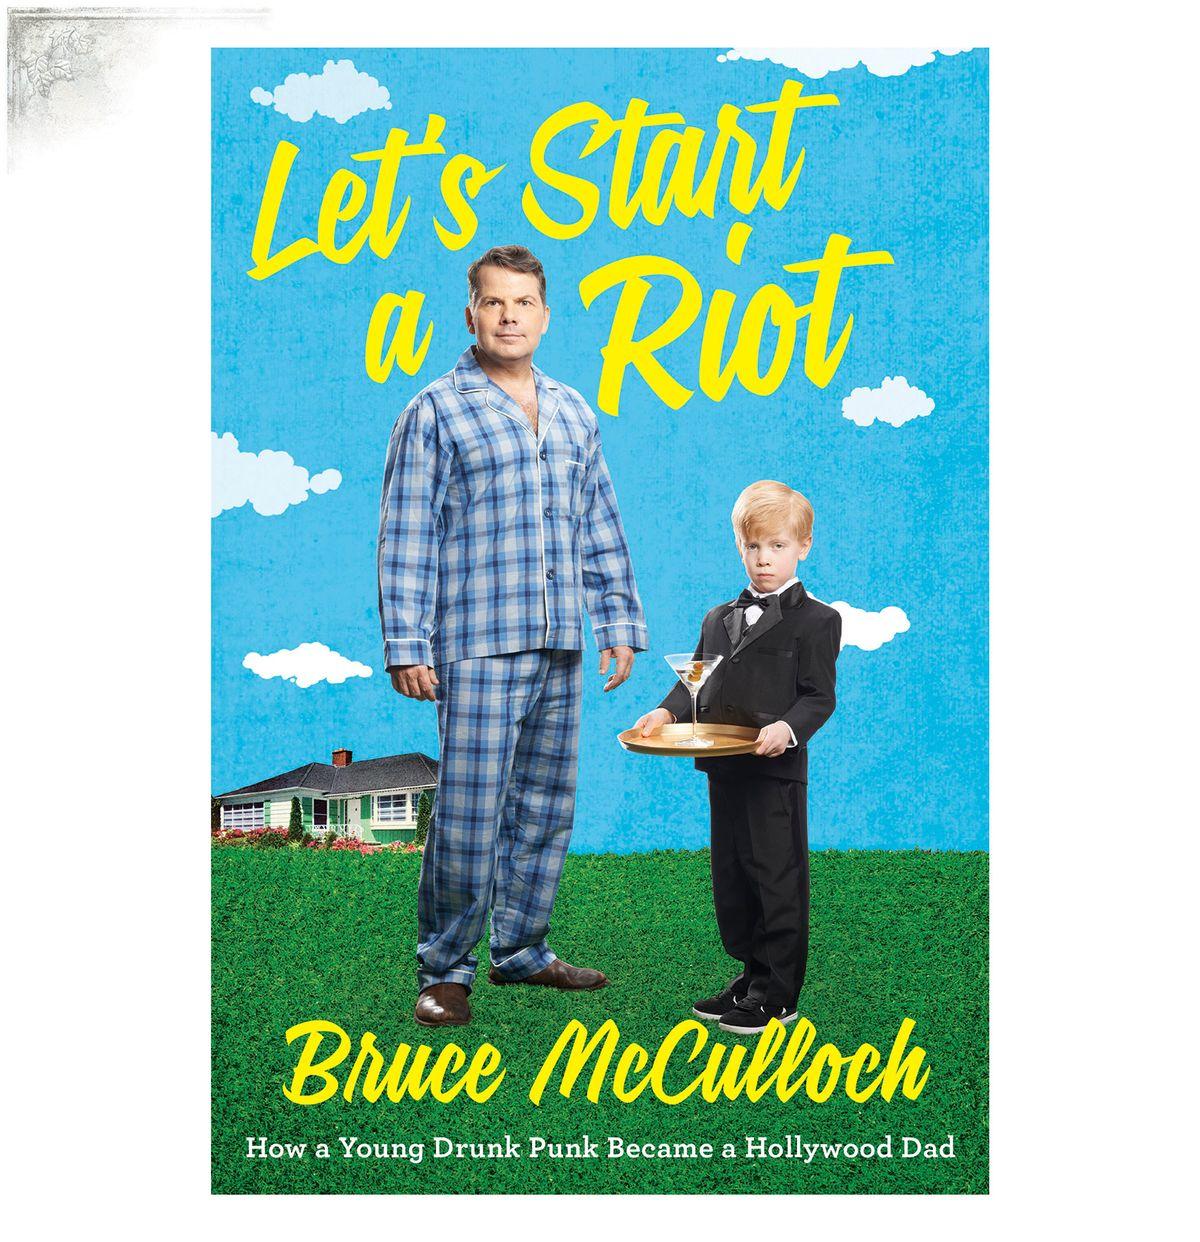 BruceMcCullochPortfPage.jpg